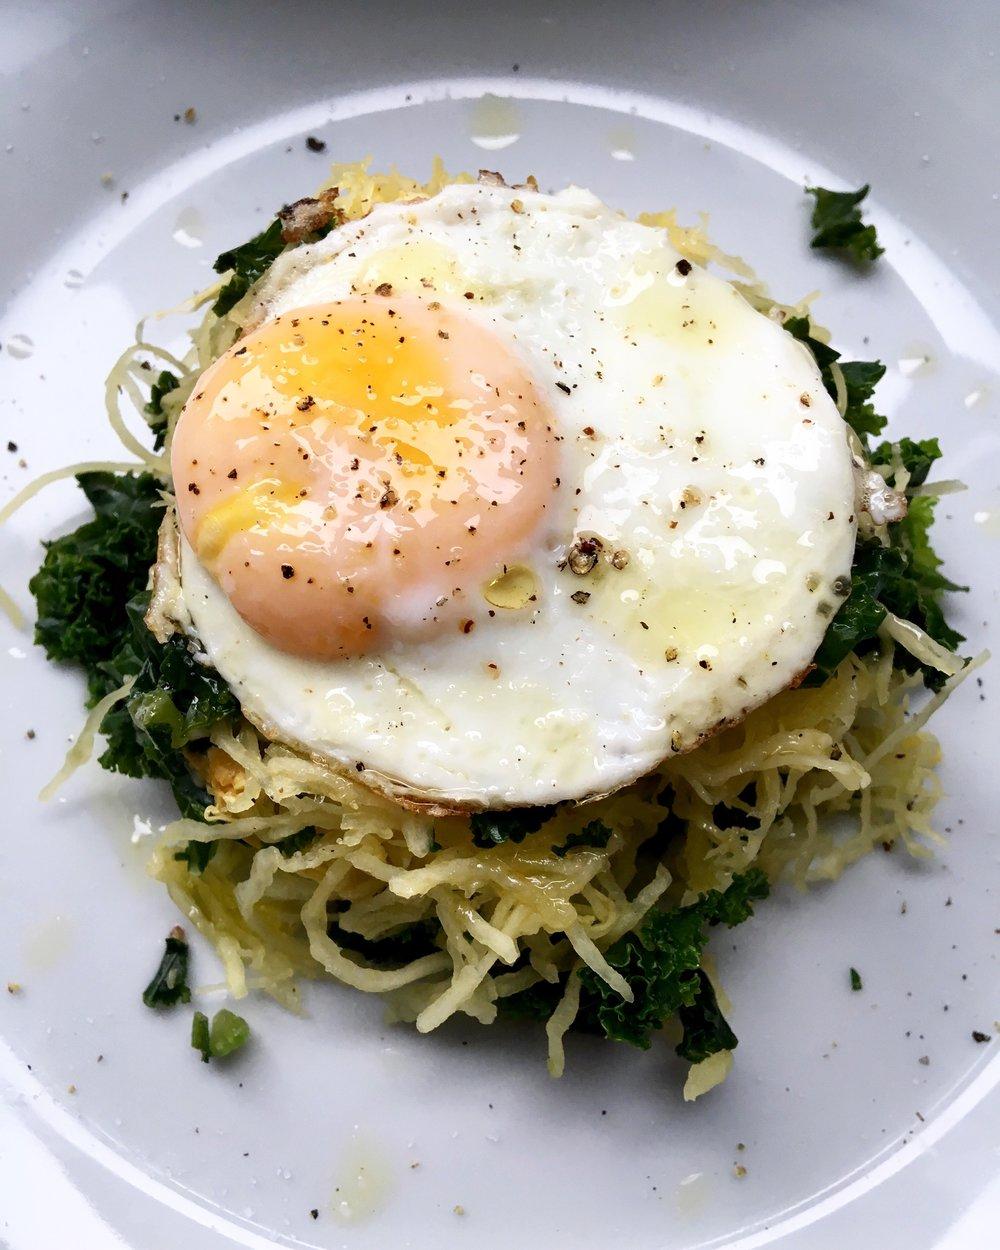 roasted spaghetti squash + kale nest with sunny side up egg